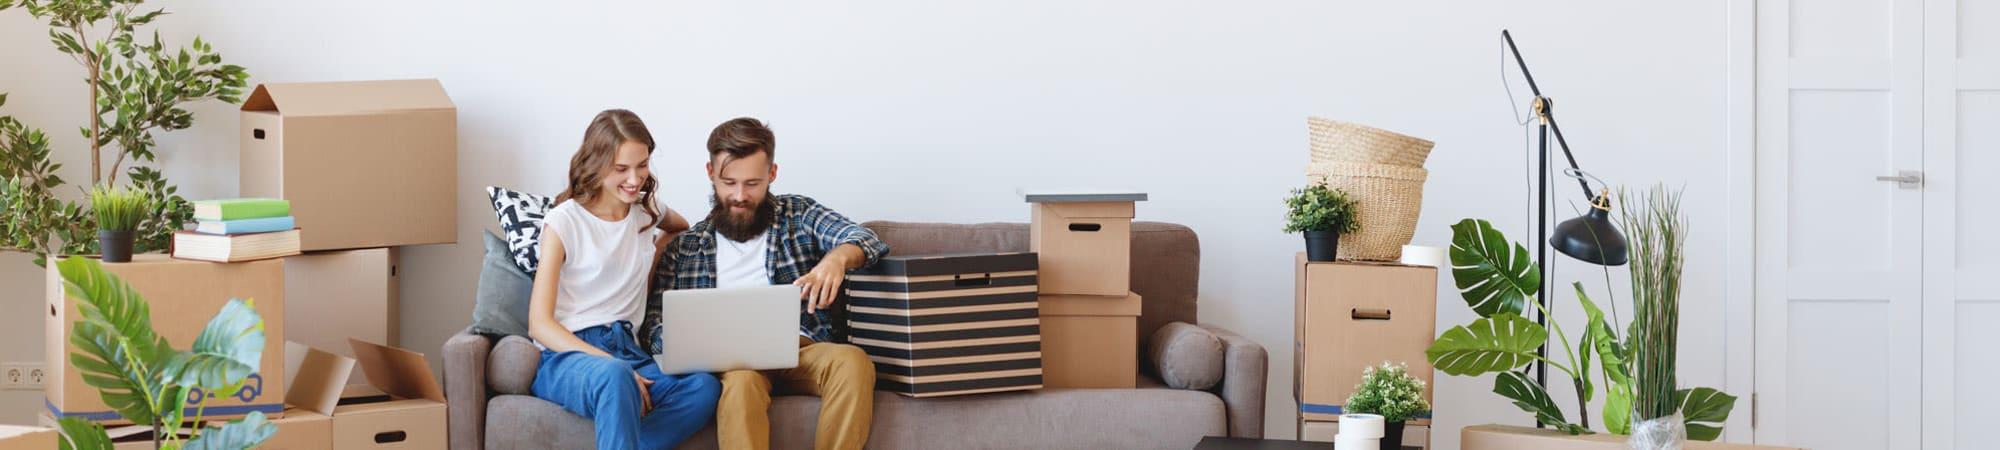 Reviews for Cubes Self Storage in Cottonwood Heights, Utah